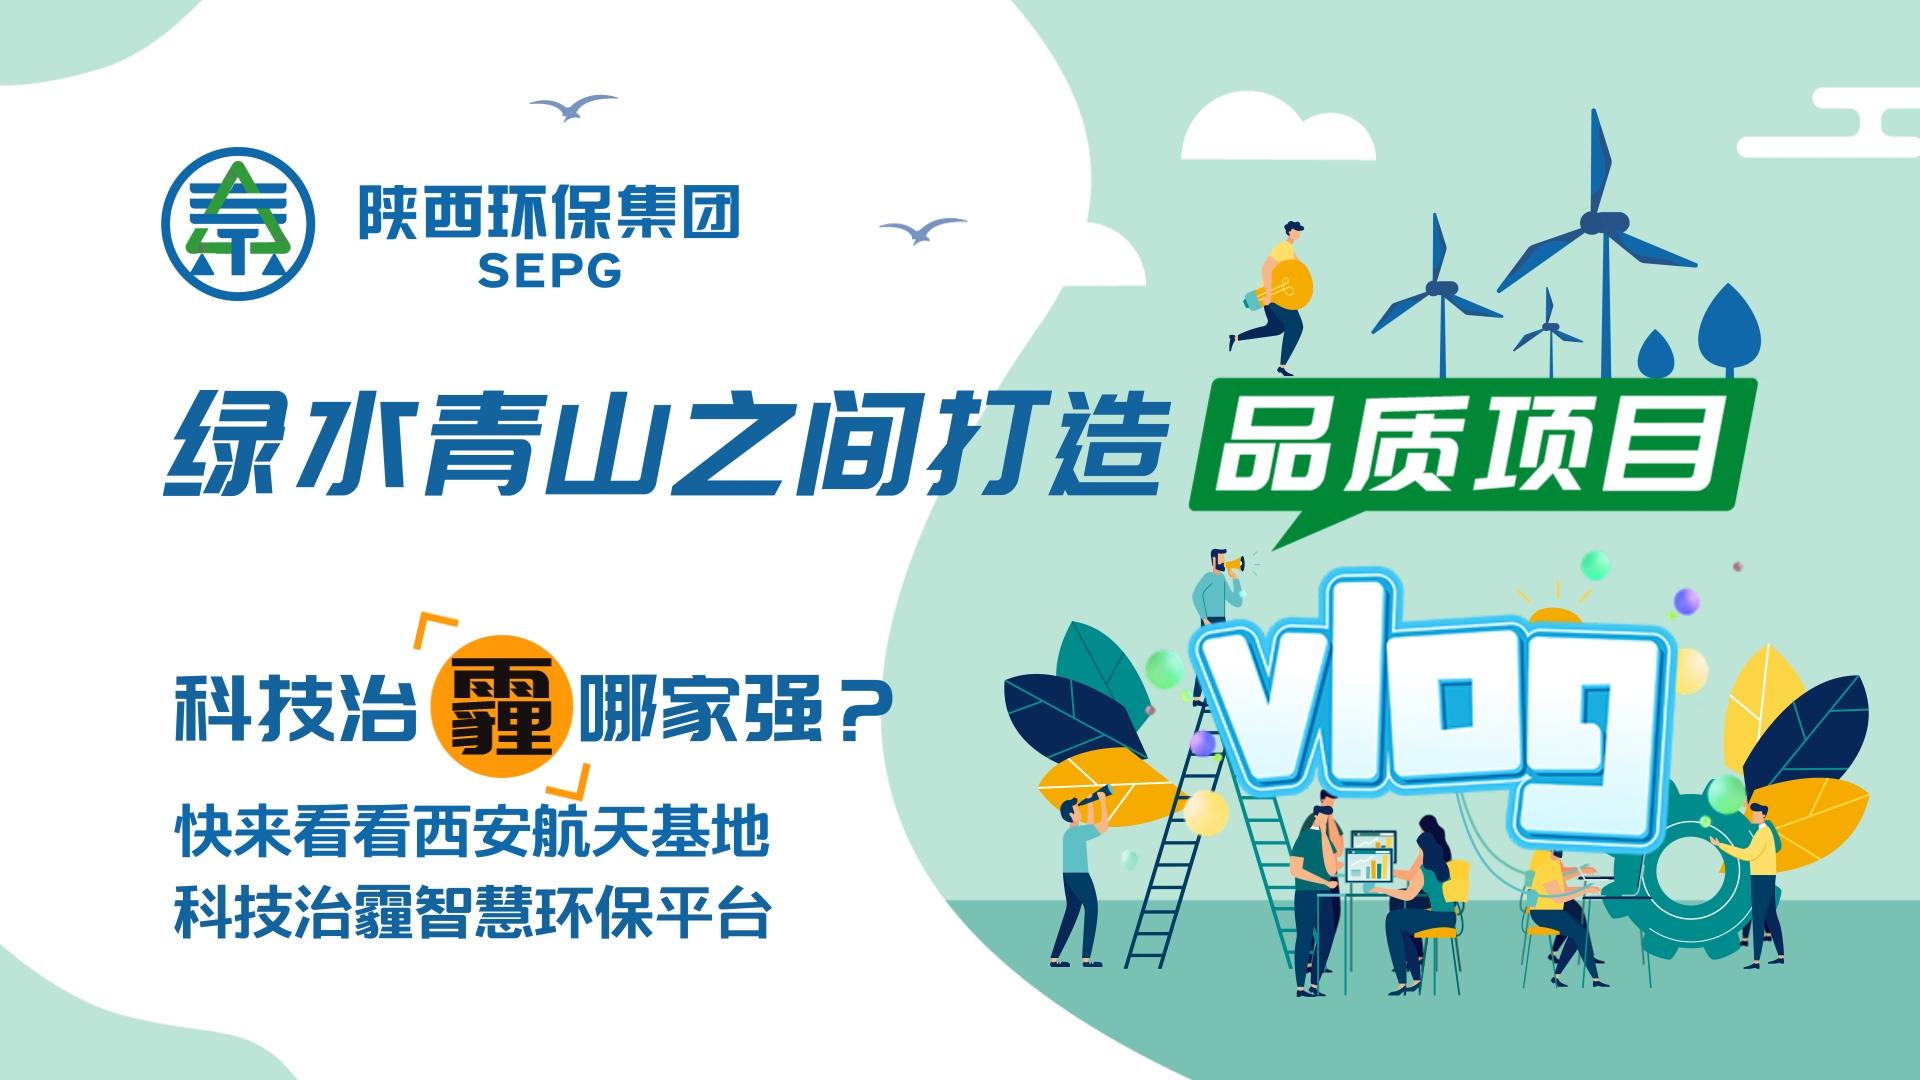 陕西环保集团Vlog-科技治霾哪家强? [00_00_05][20200812-150544].png